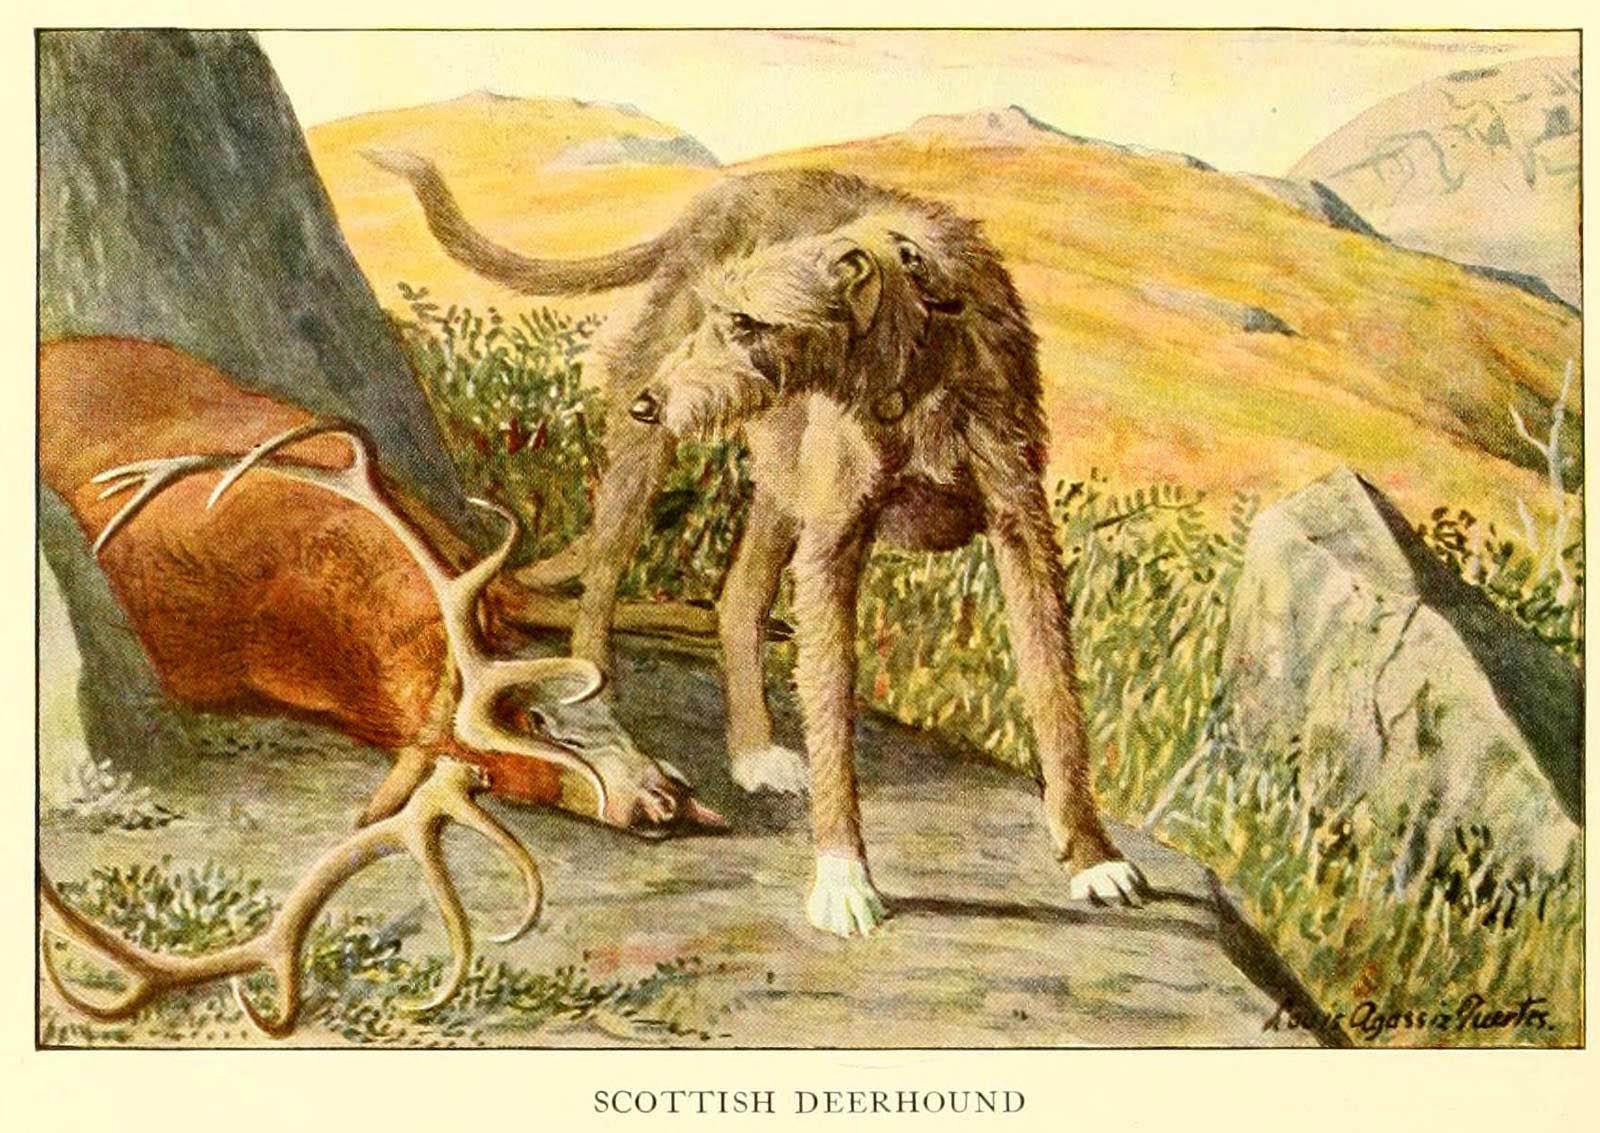 Scottish Deerhound – Information About Dogs